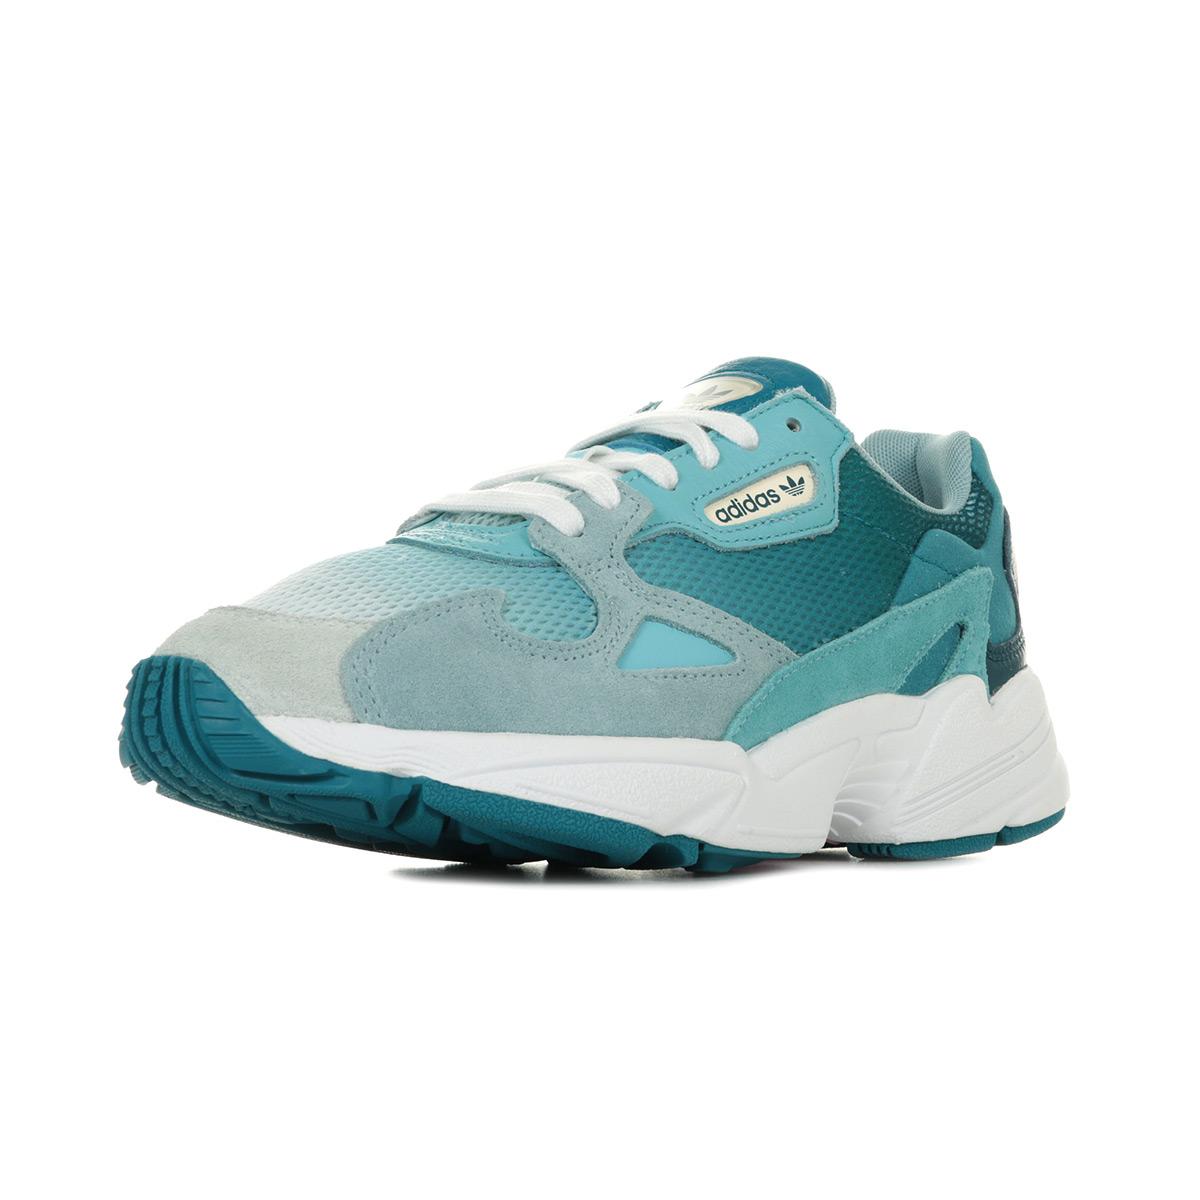 adidas falcon bleu turquoise